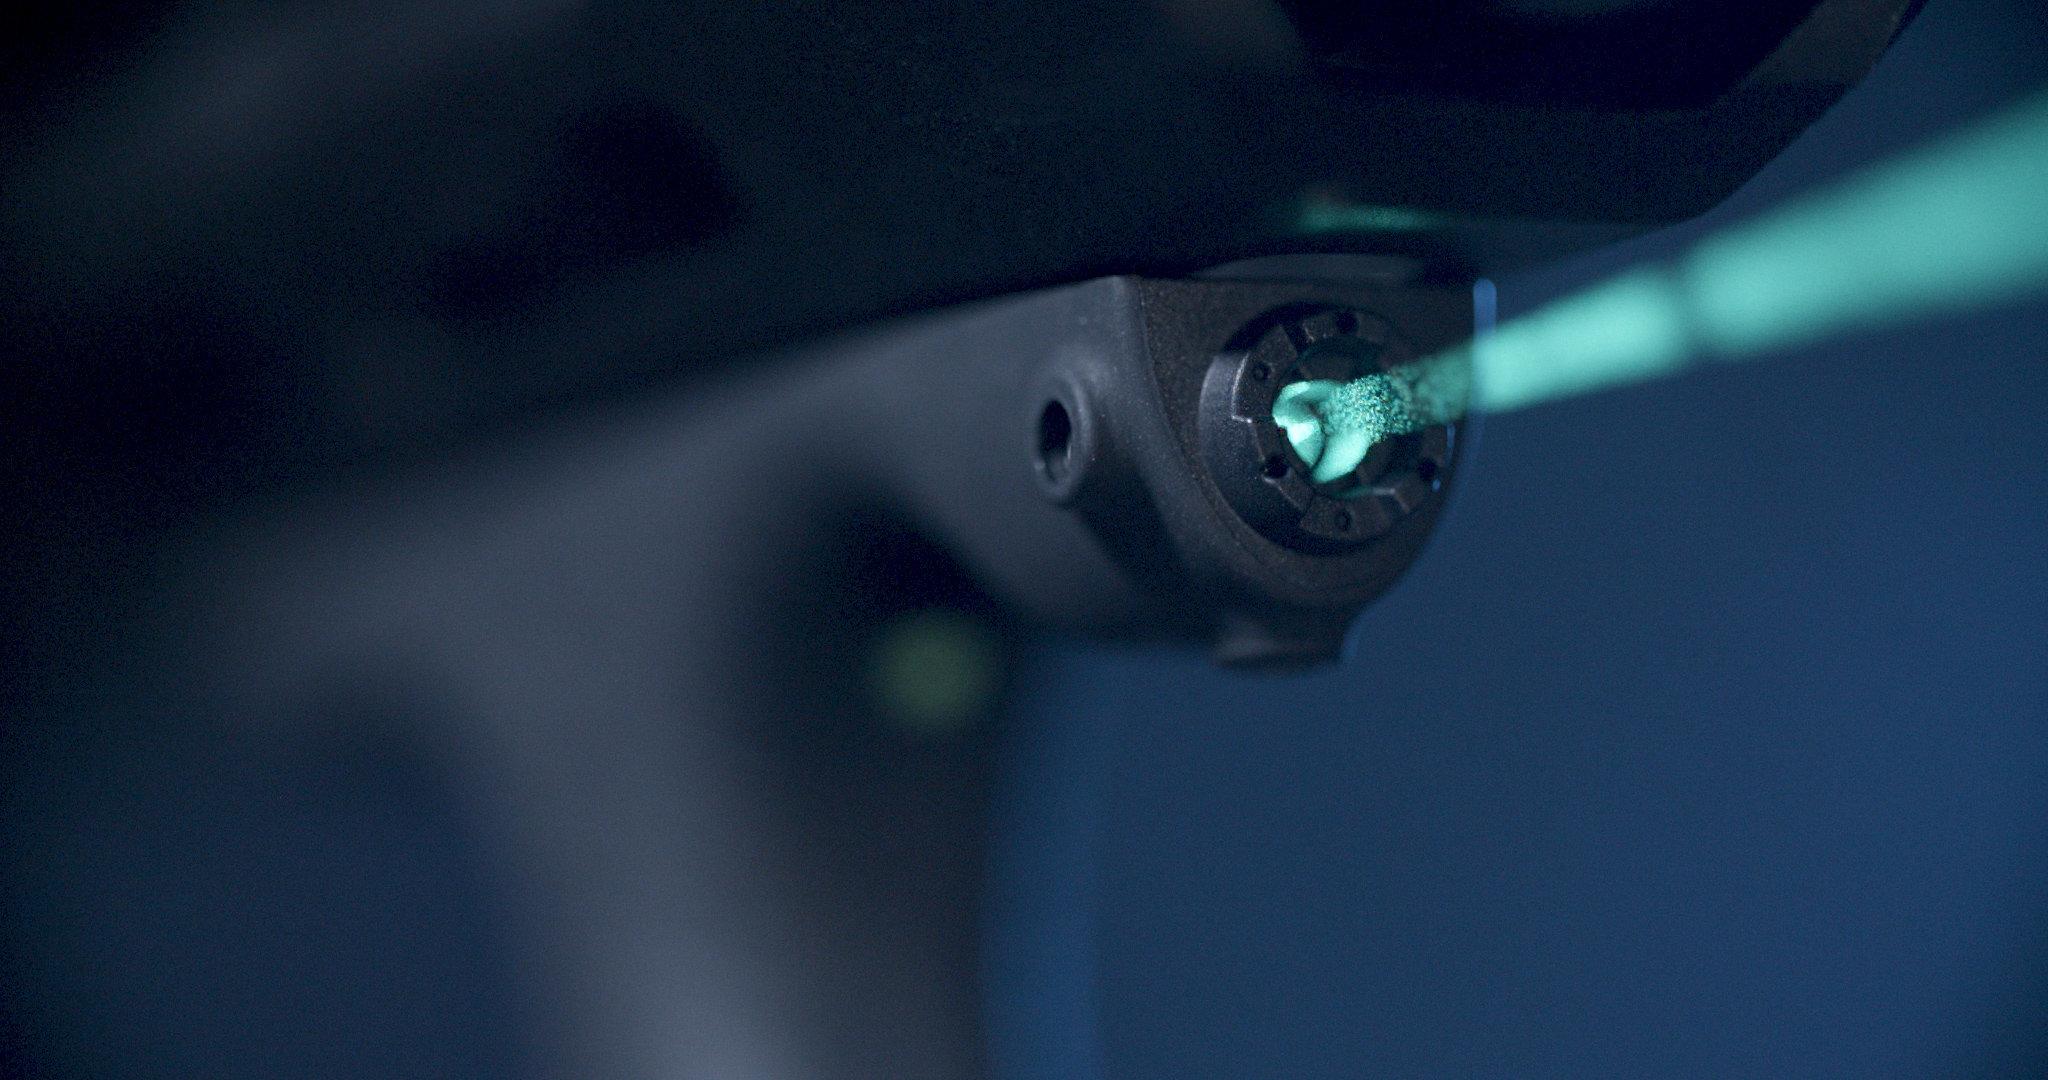 Viridian HS1 Green Laser